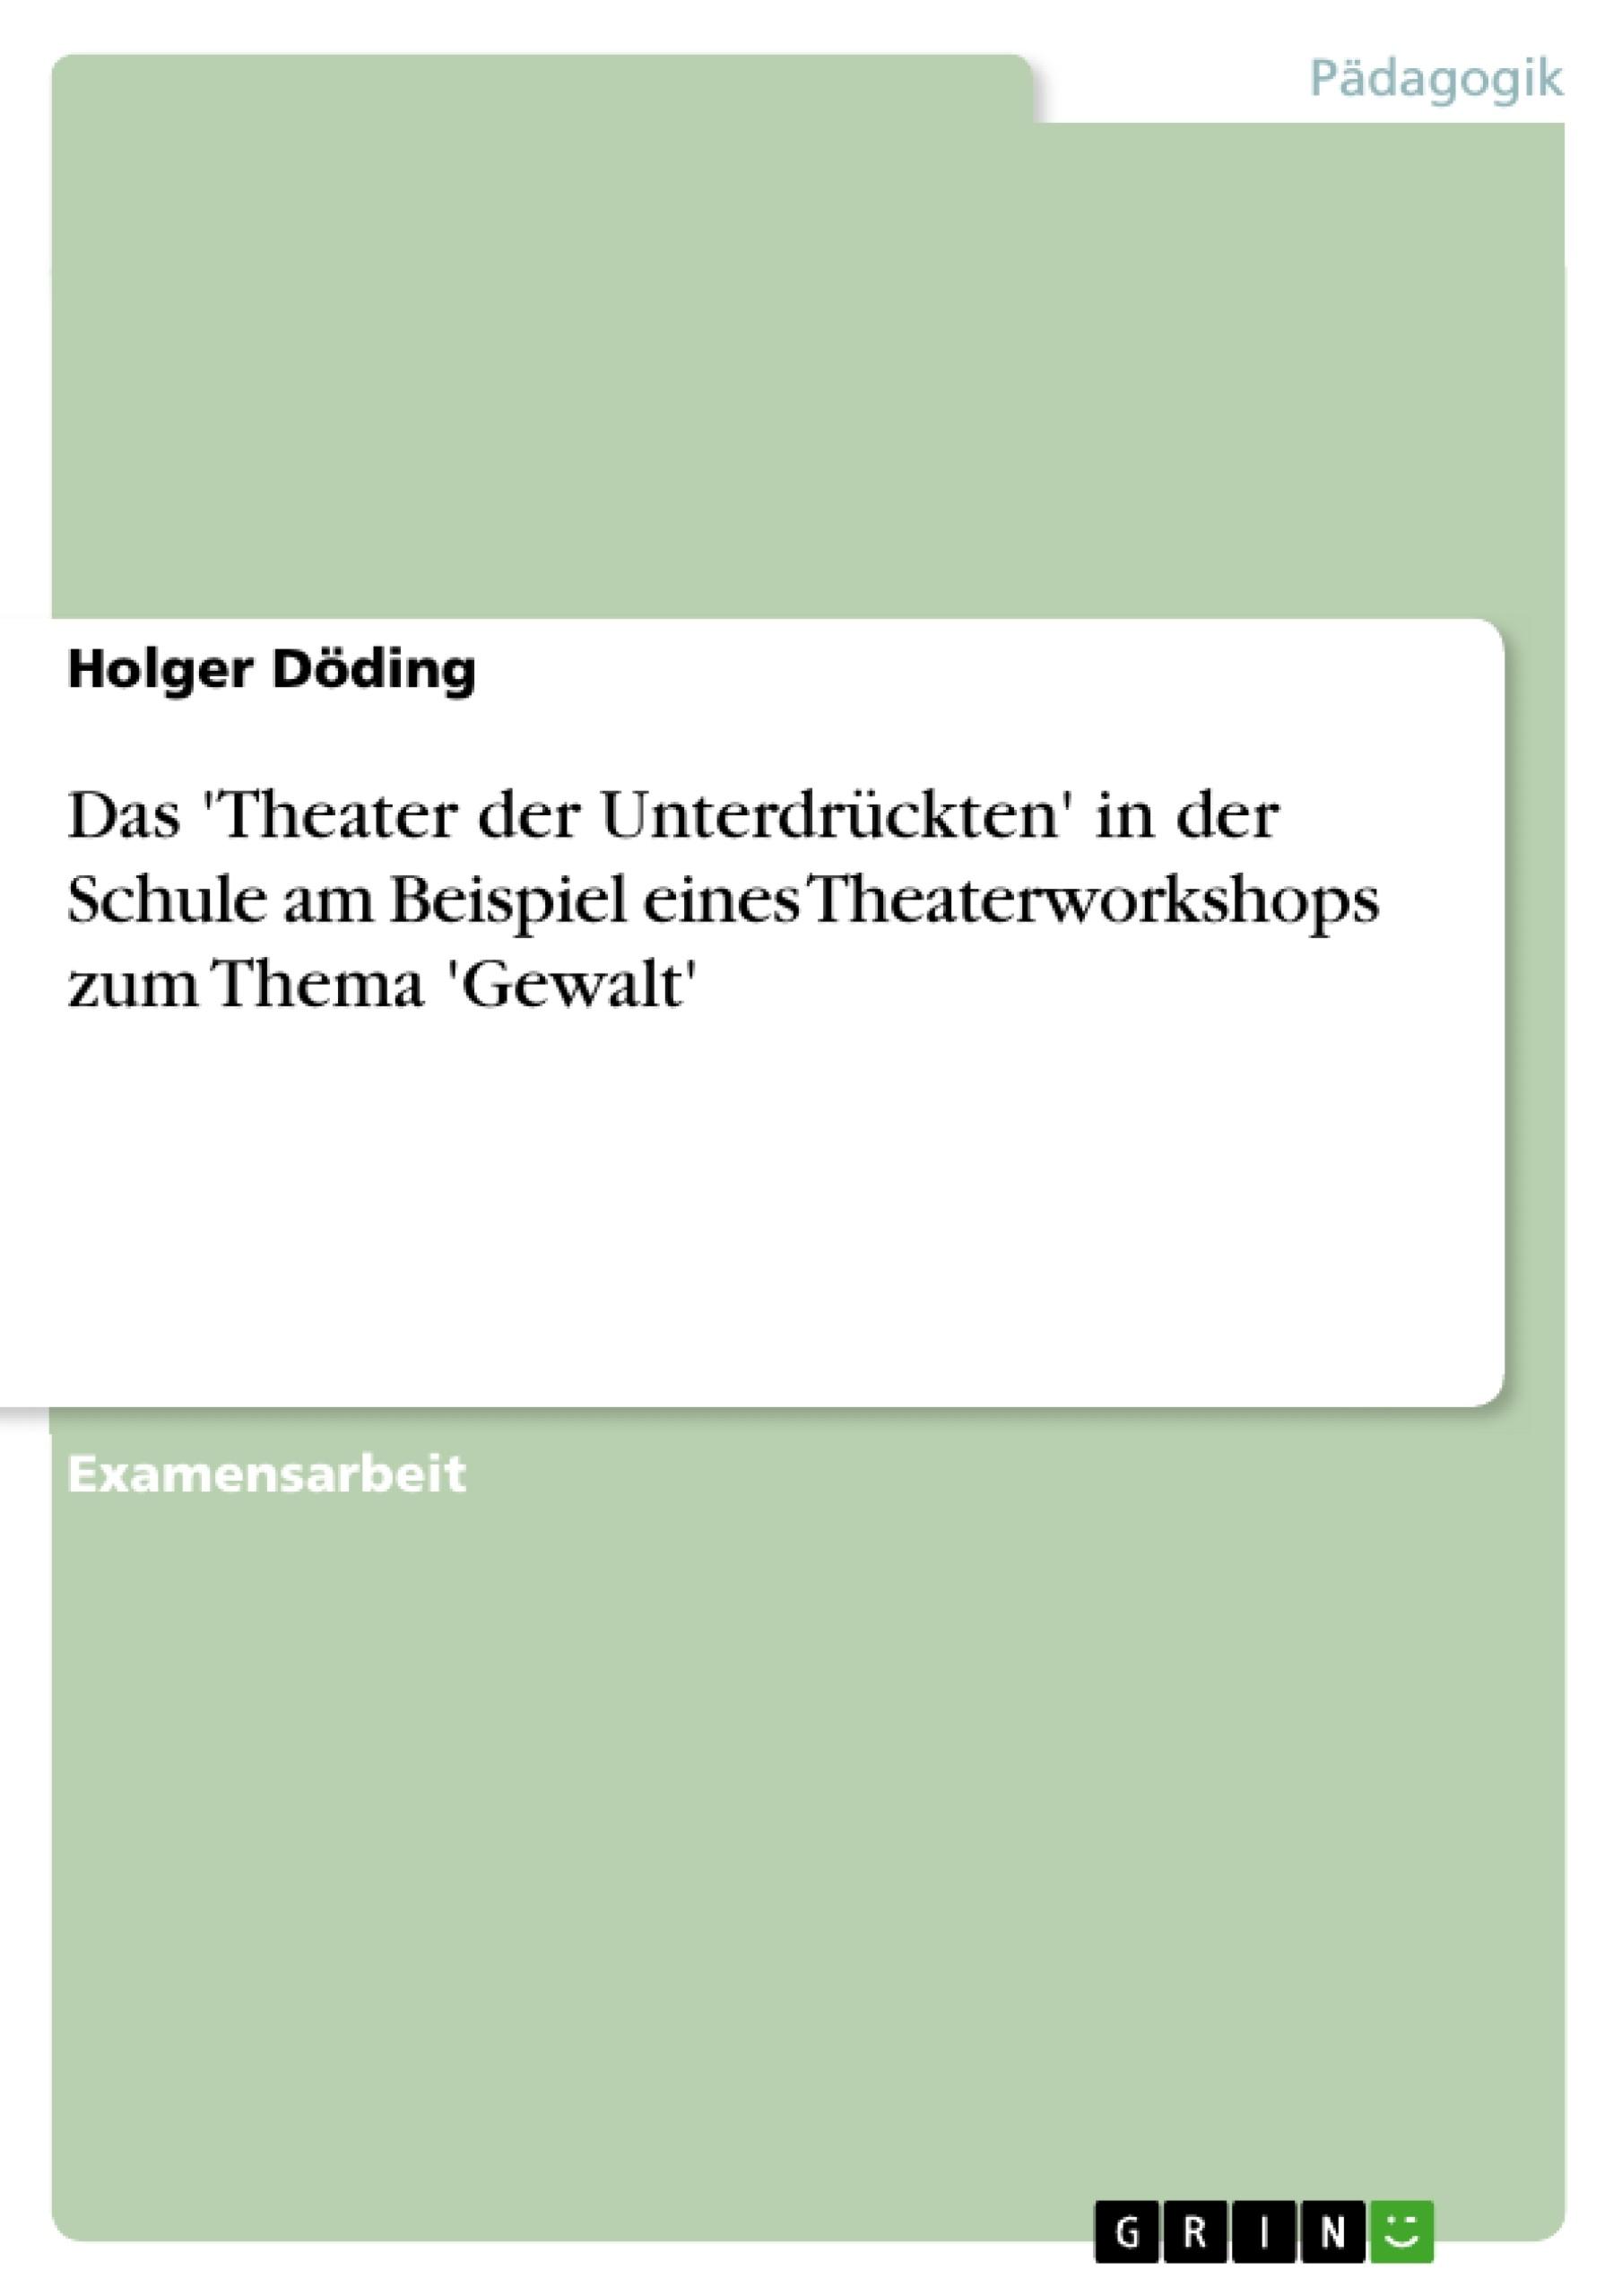 Titel: Das 'Theater der Unterdrückten' in der Schule am Beispiel eines Theaterworkshops zum Thema 'Gewalt'